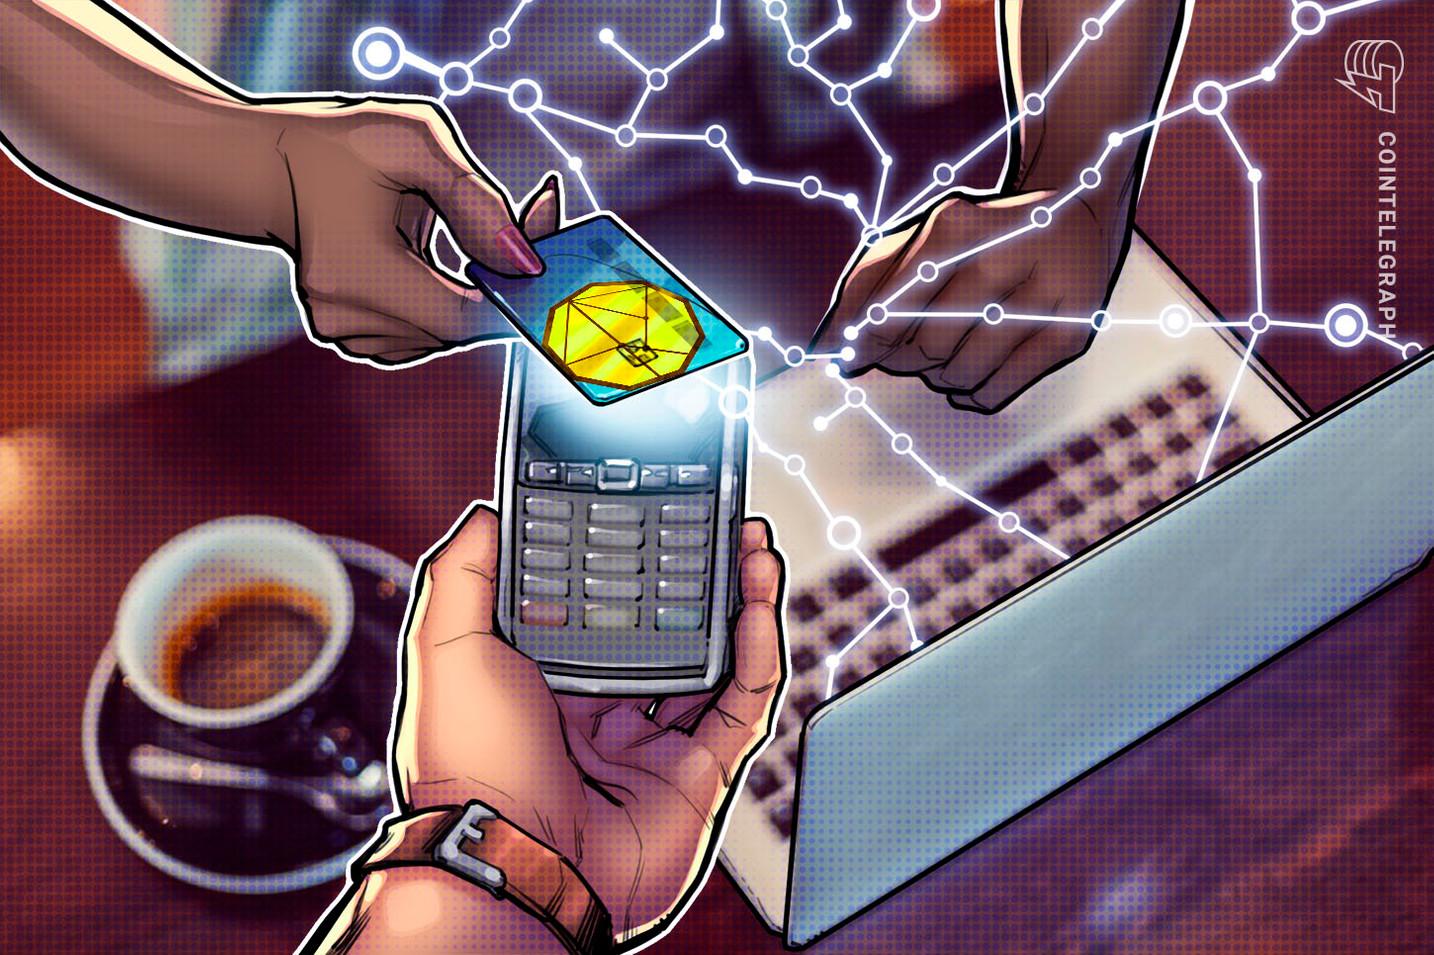 Résumé d'Altcoin: les cartes de crédit crypto pourraient être le chaînon manquant de l'adoption massive